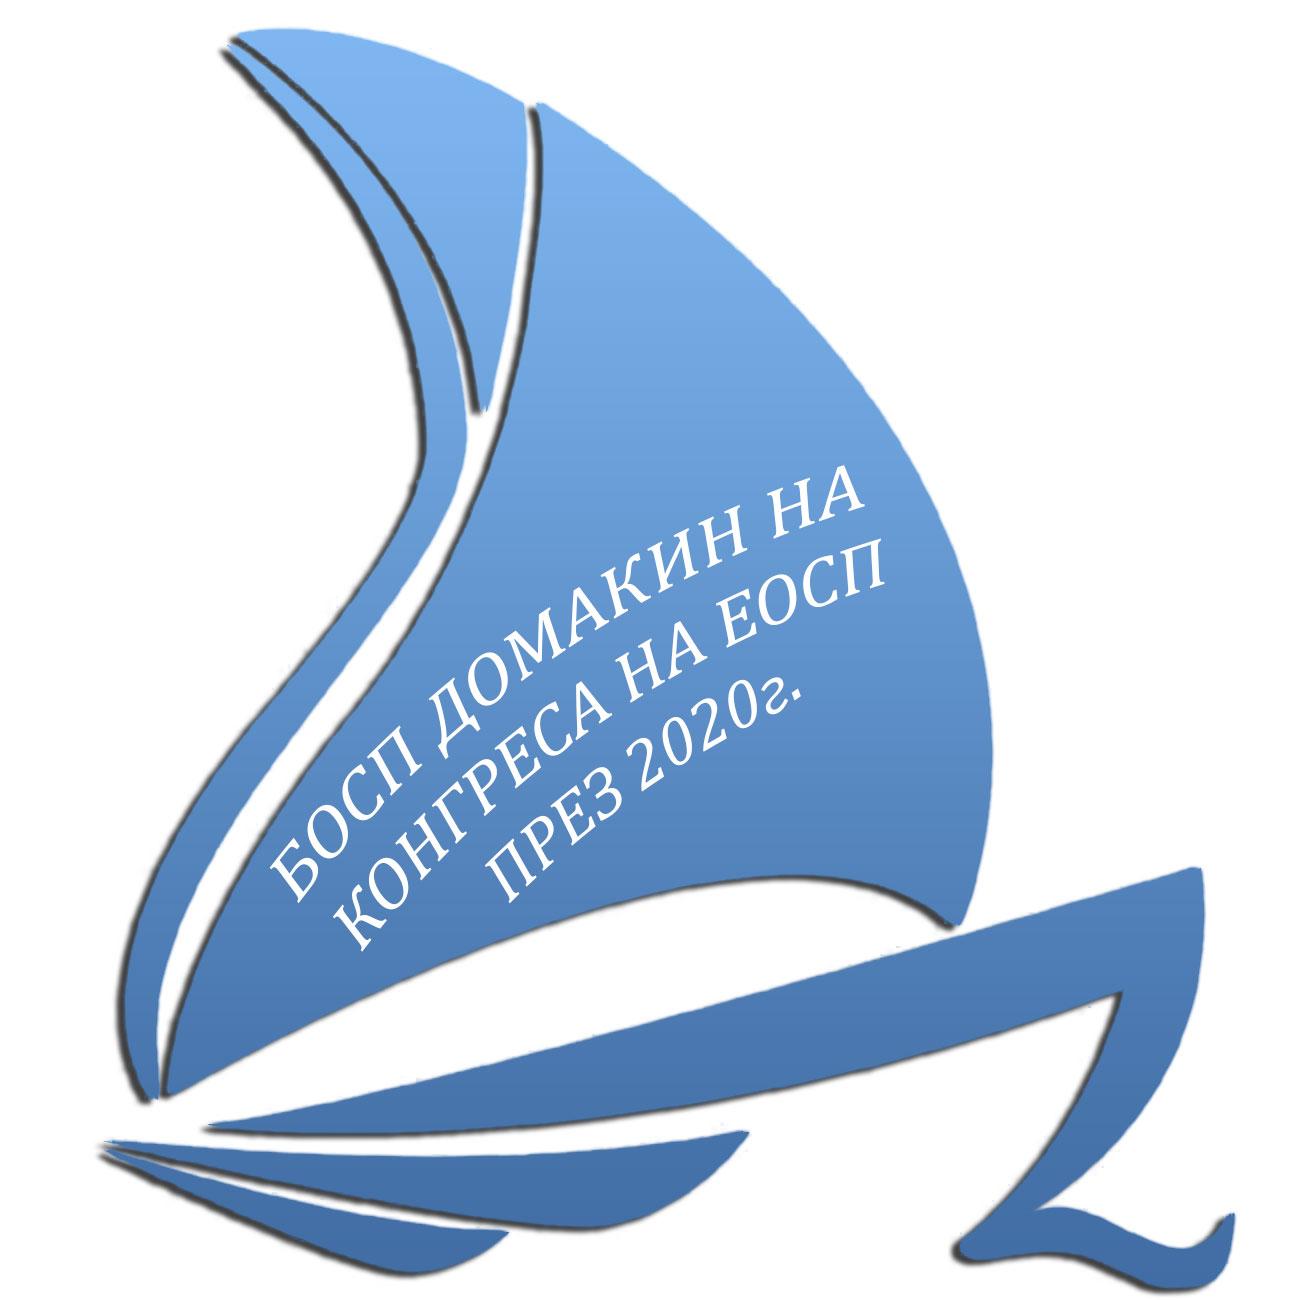 BOAT_LOGO_BULGARIAN